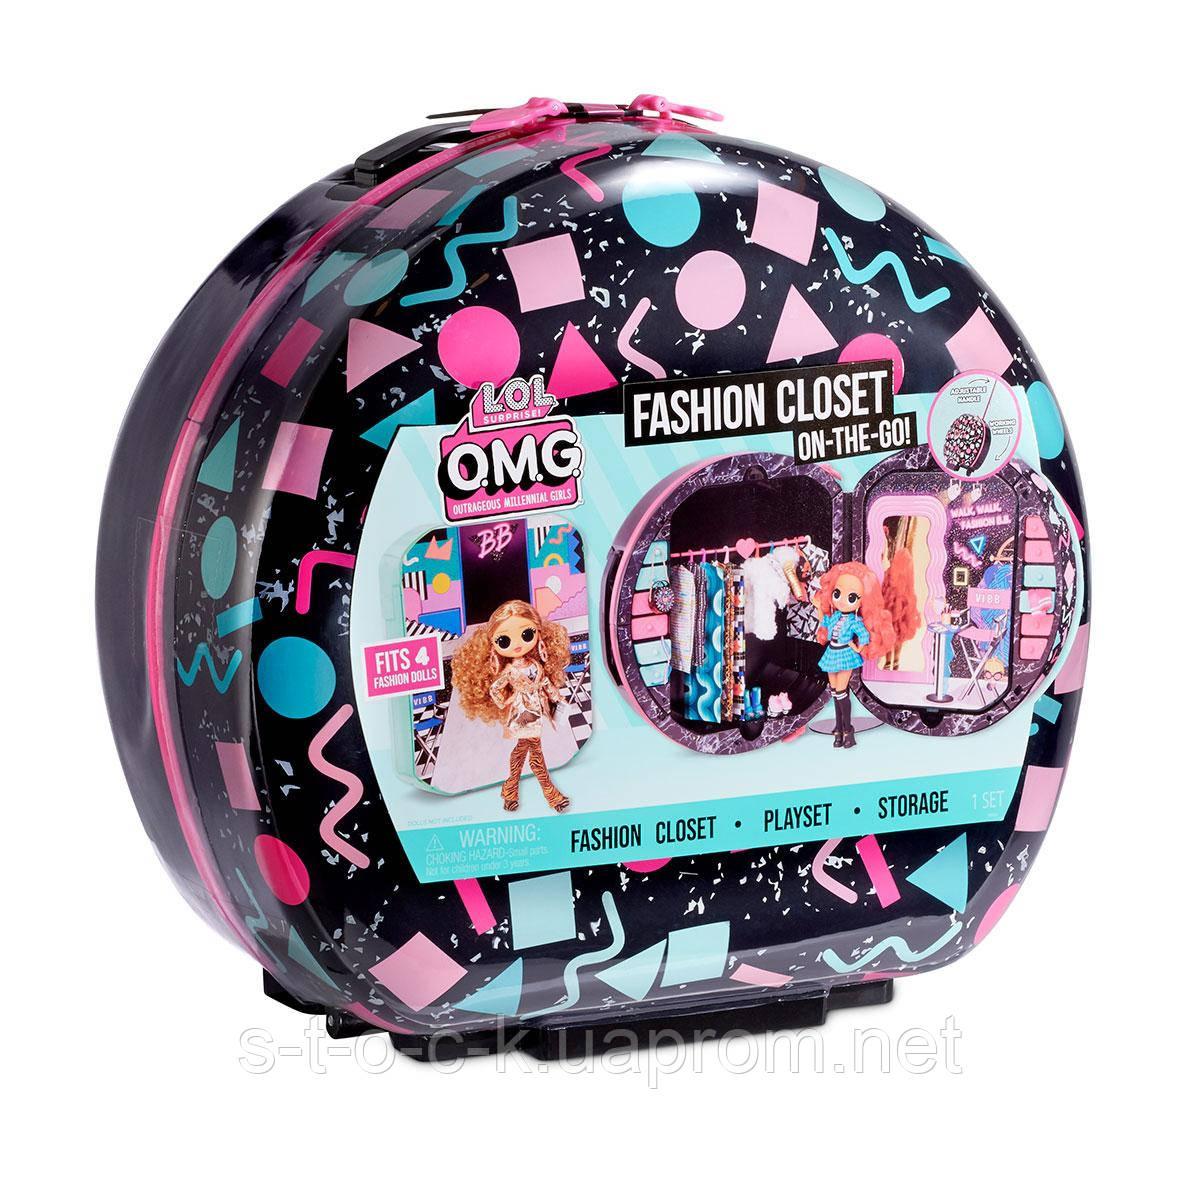 Игровой набор  L.O.L. Surprise! OMG Чемодан для путешествий. Fashion Closet On-The-Co 571315